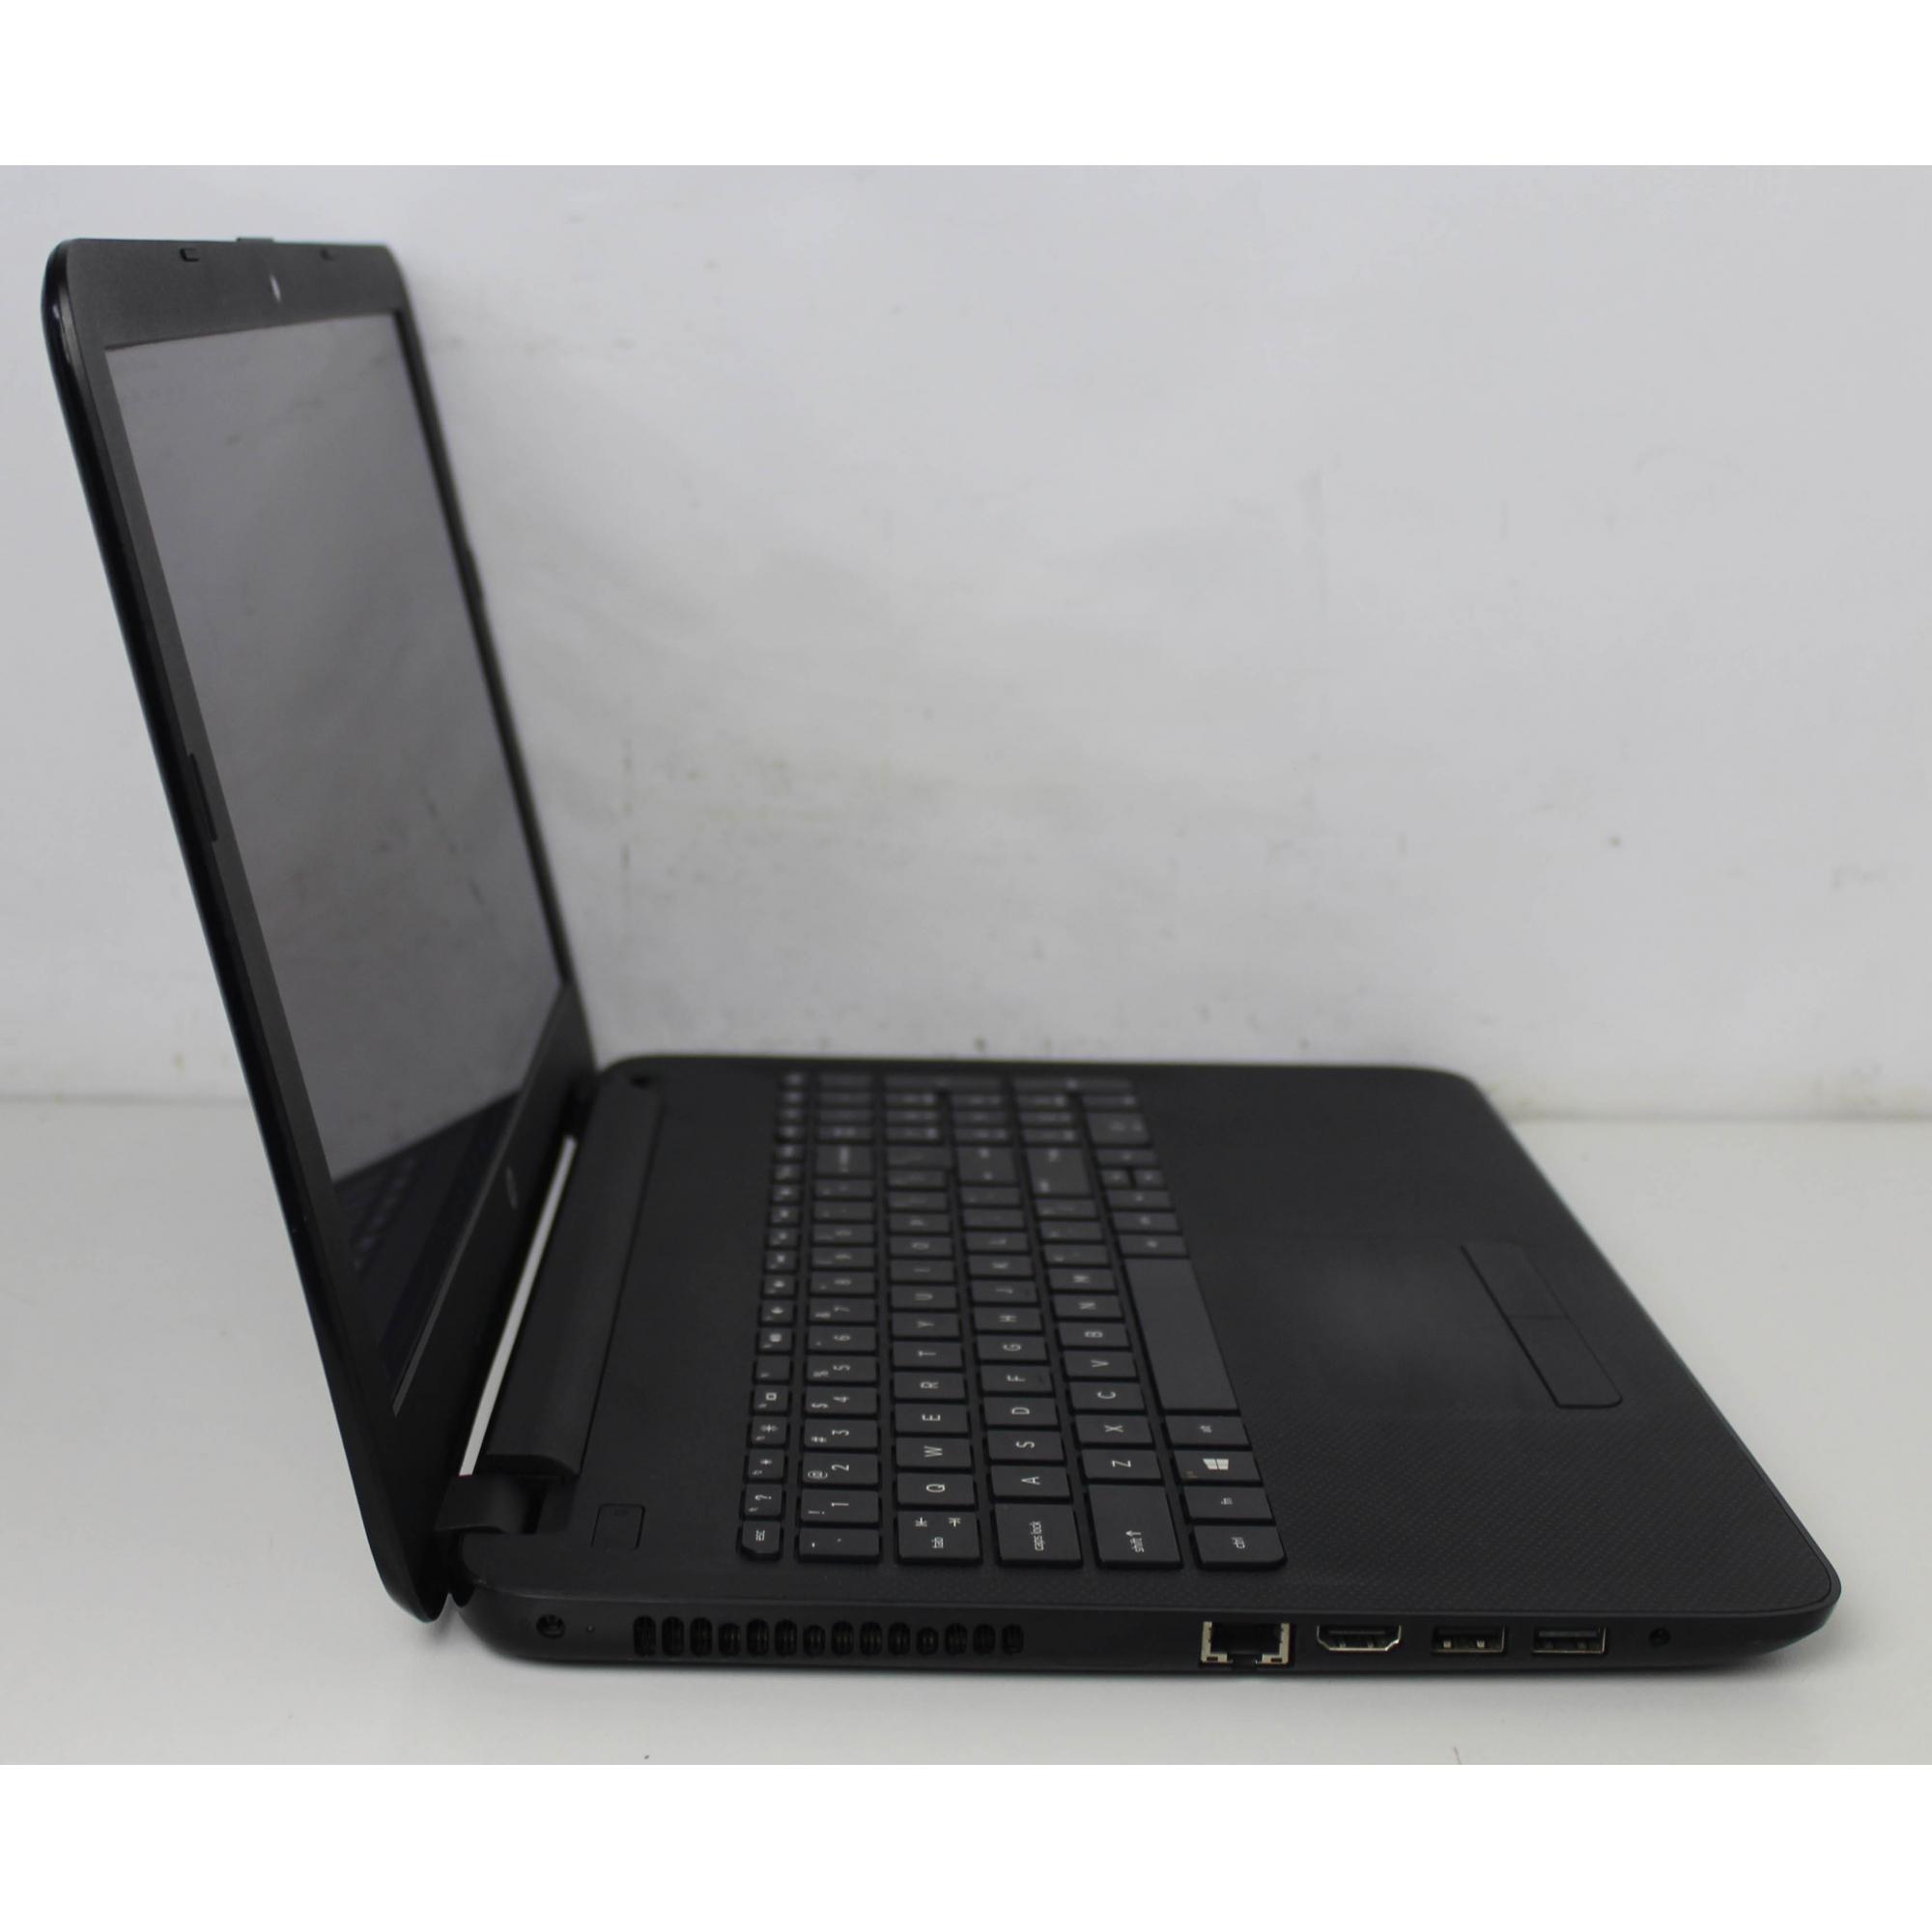 """Notebook Hp Energy Star 15AF131DX 15.6"""" AMD A6-5200 2Ghz 8GB HD-500GB + Alphanumérico"""